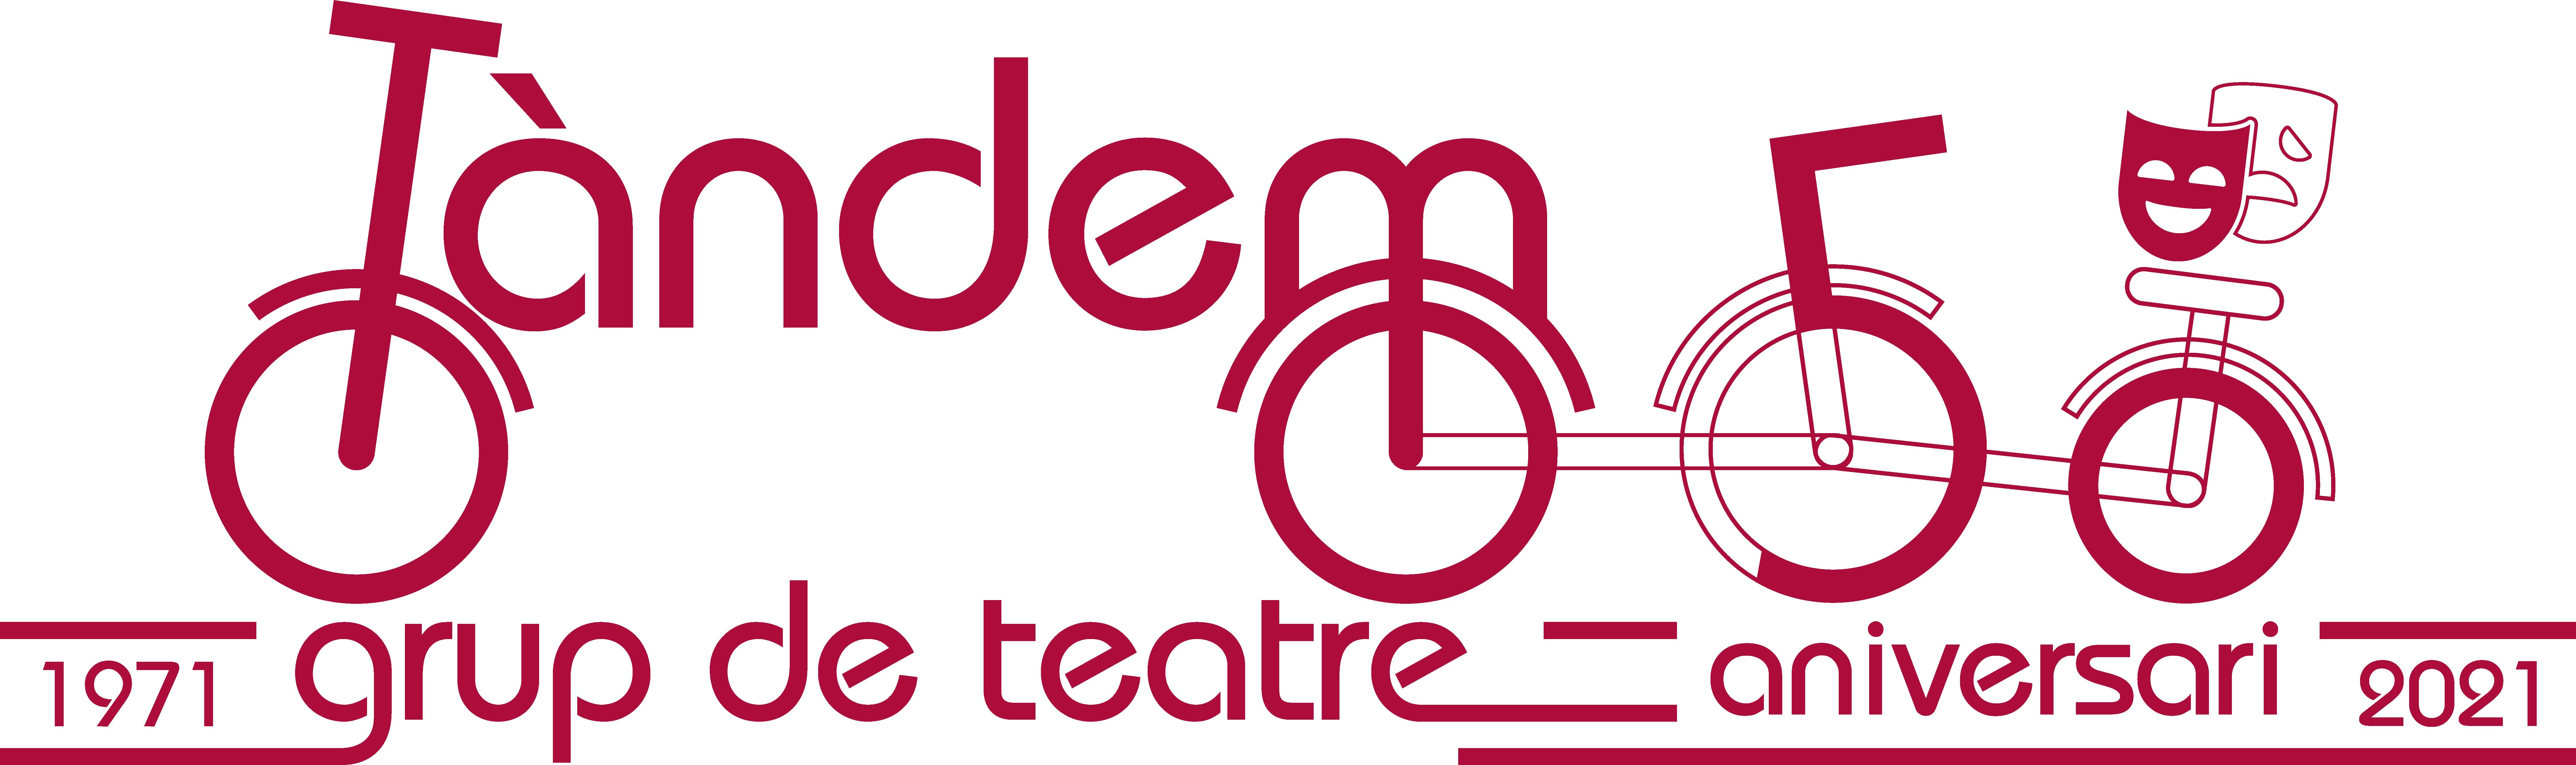 Grup de teatre Tàndem